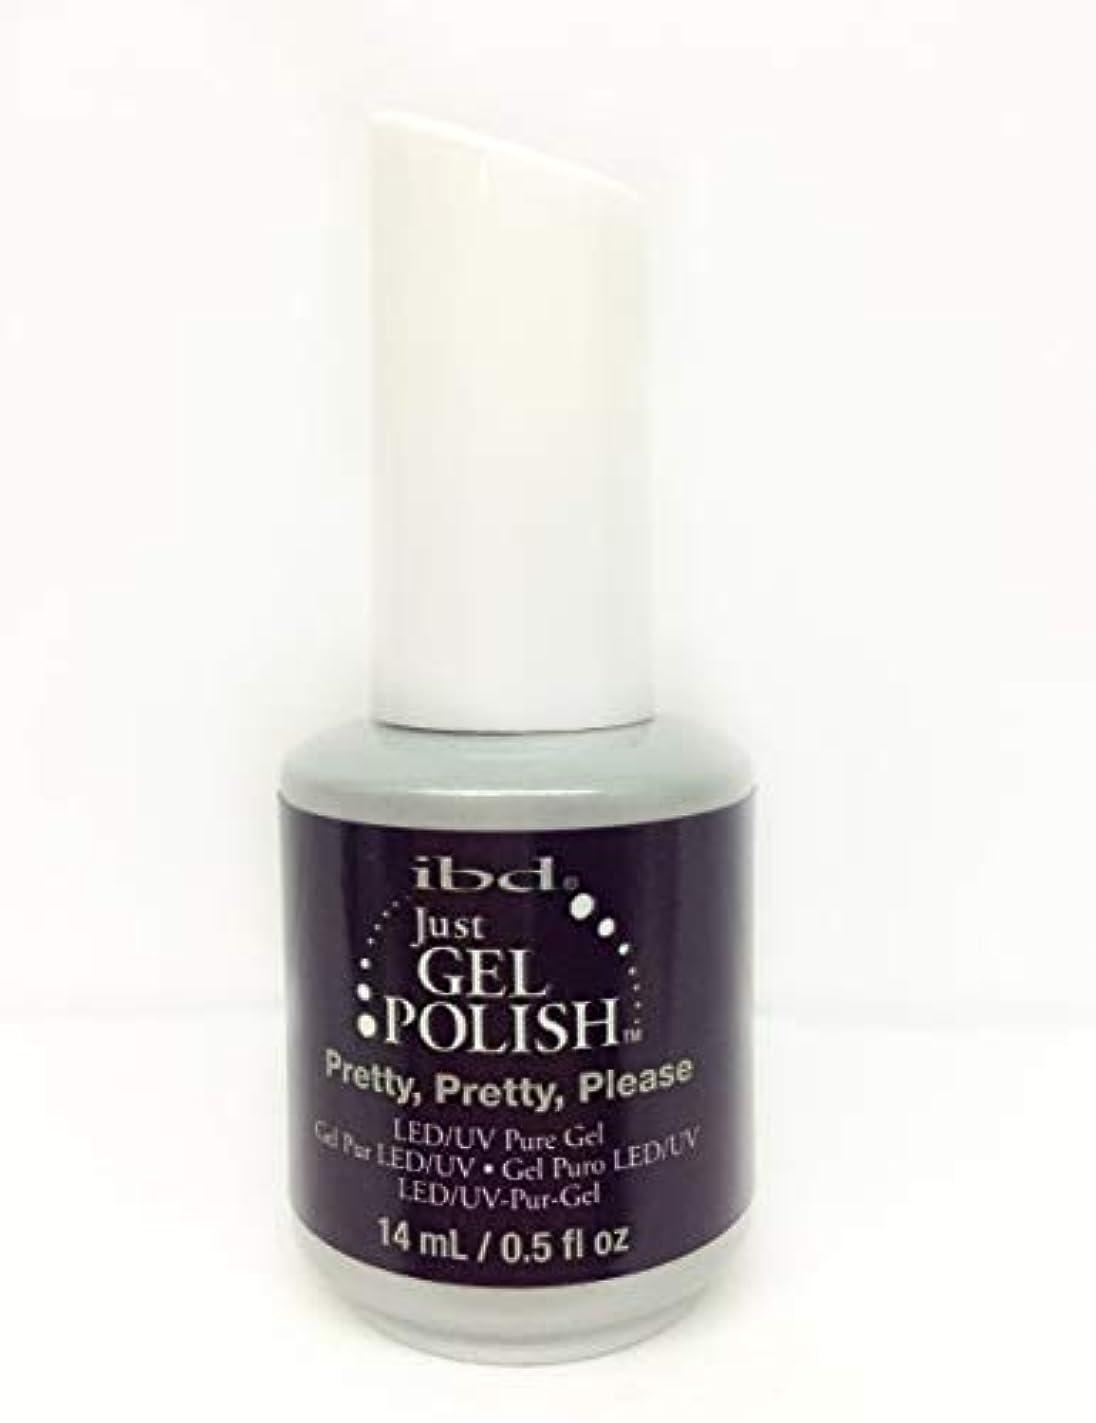 グローブルーム補充ibd Just Gel Nail Polish - Pretty, Pretty, Please - 14ml / 0.5oz